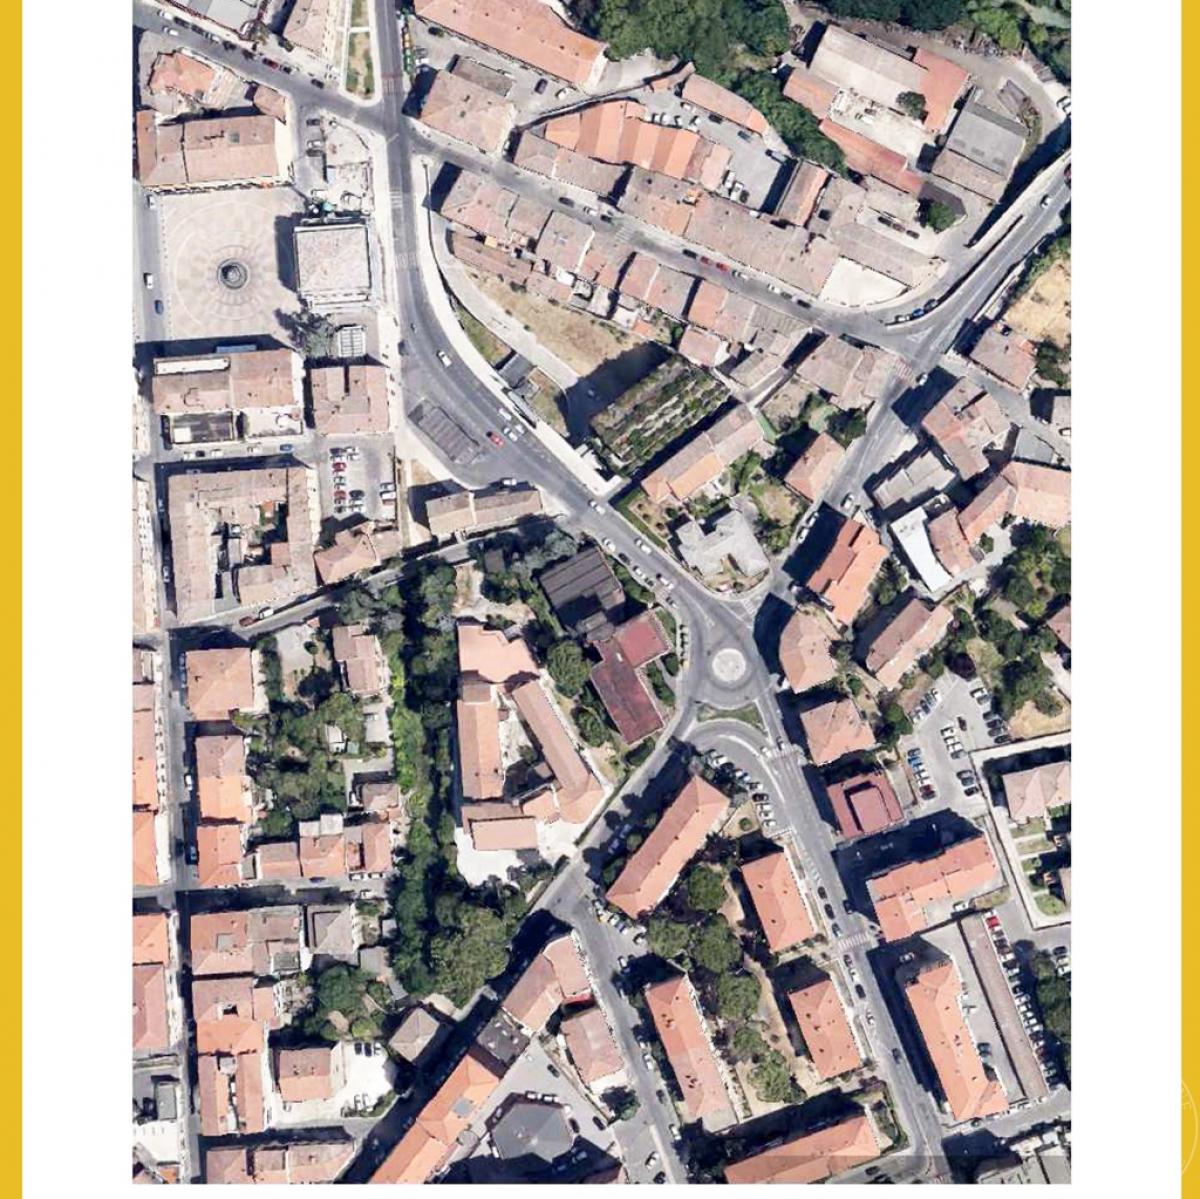 Autorimessa a COLLE VAL D'ELSA, via delle Casette - Lotto 2 COLLE BASSA